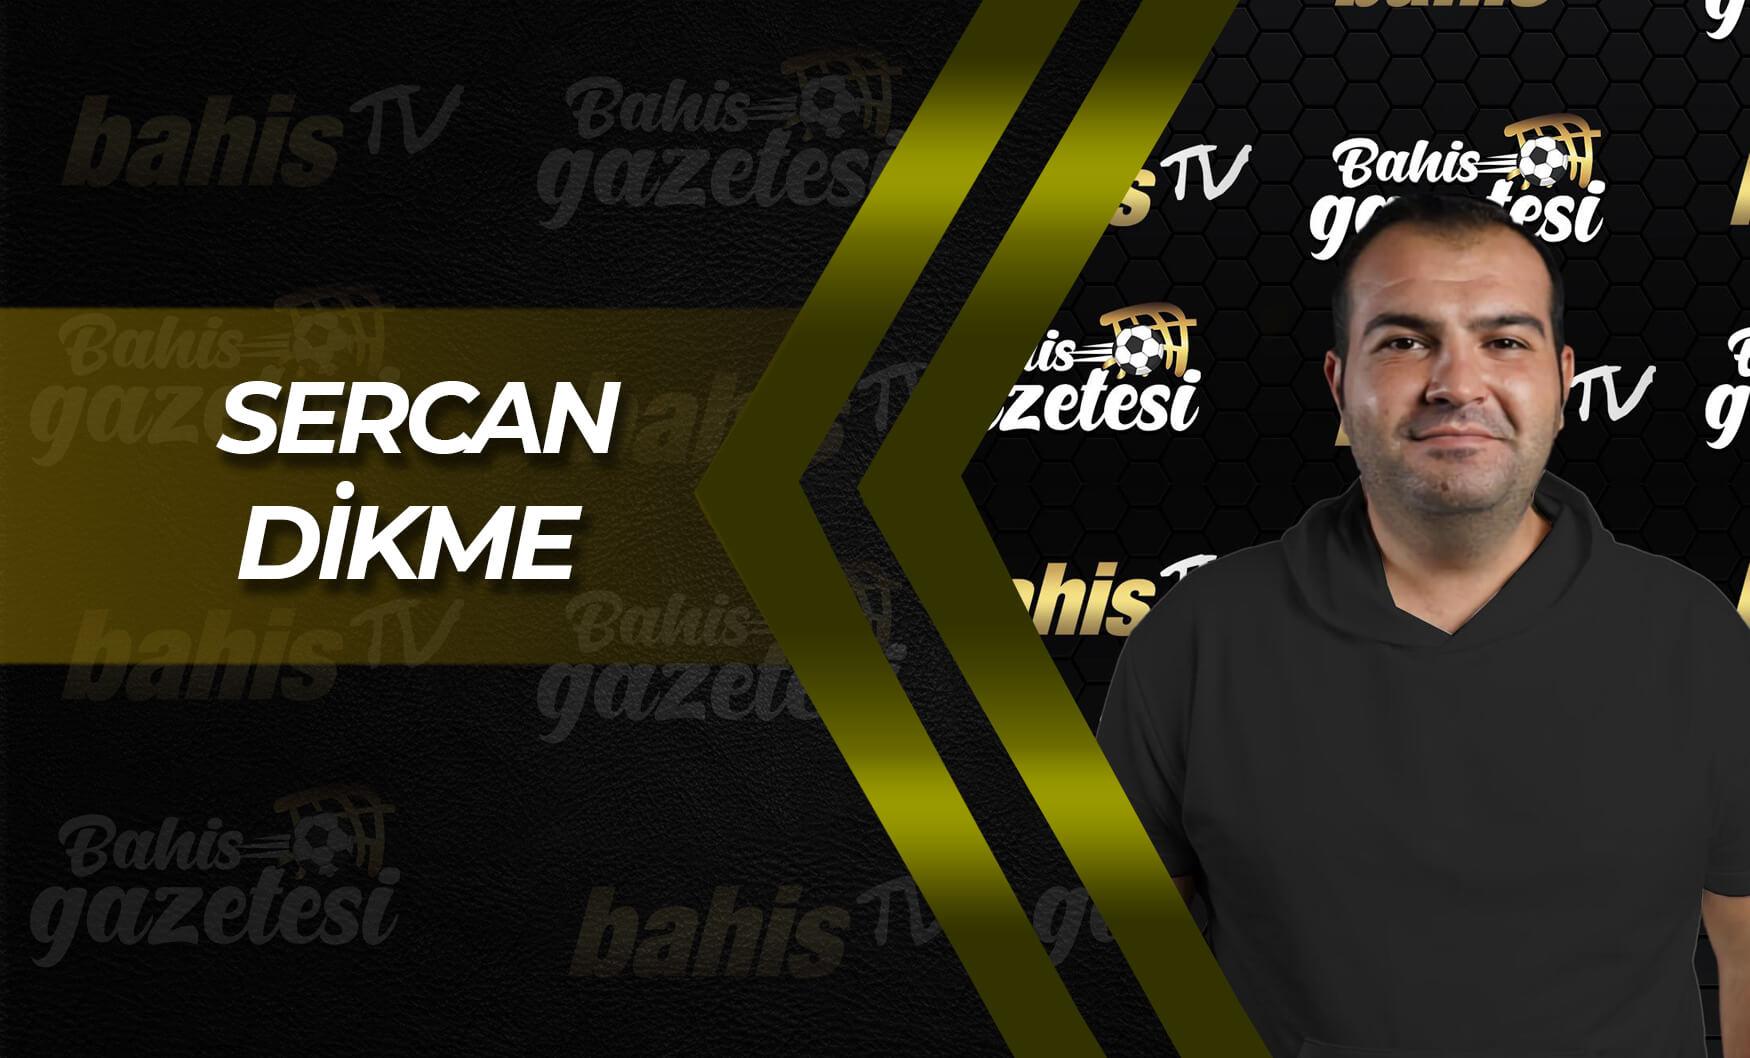 Sercan Dikme